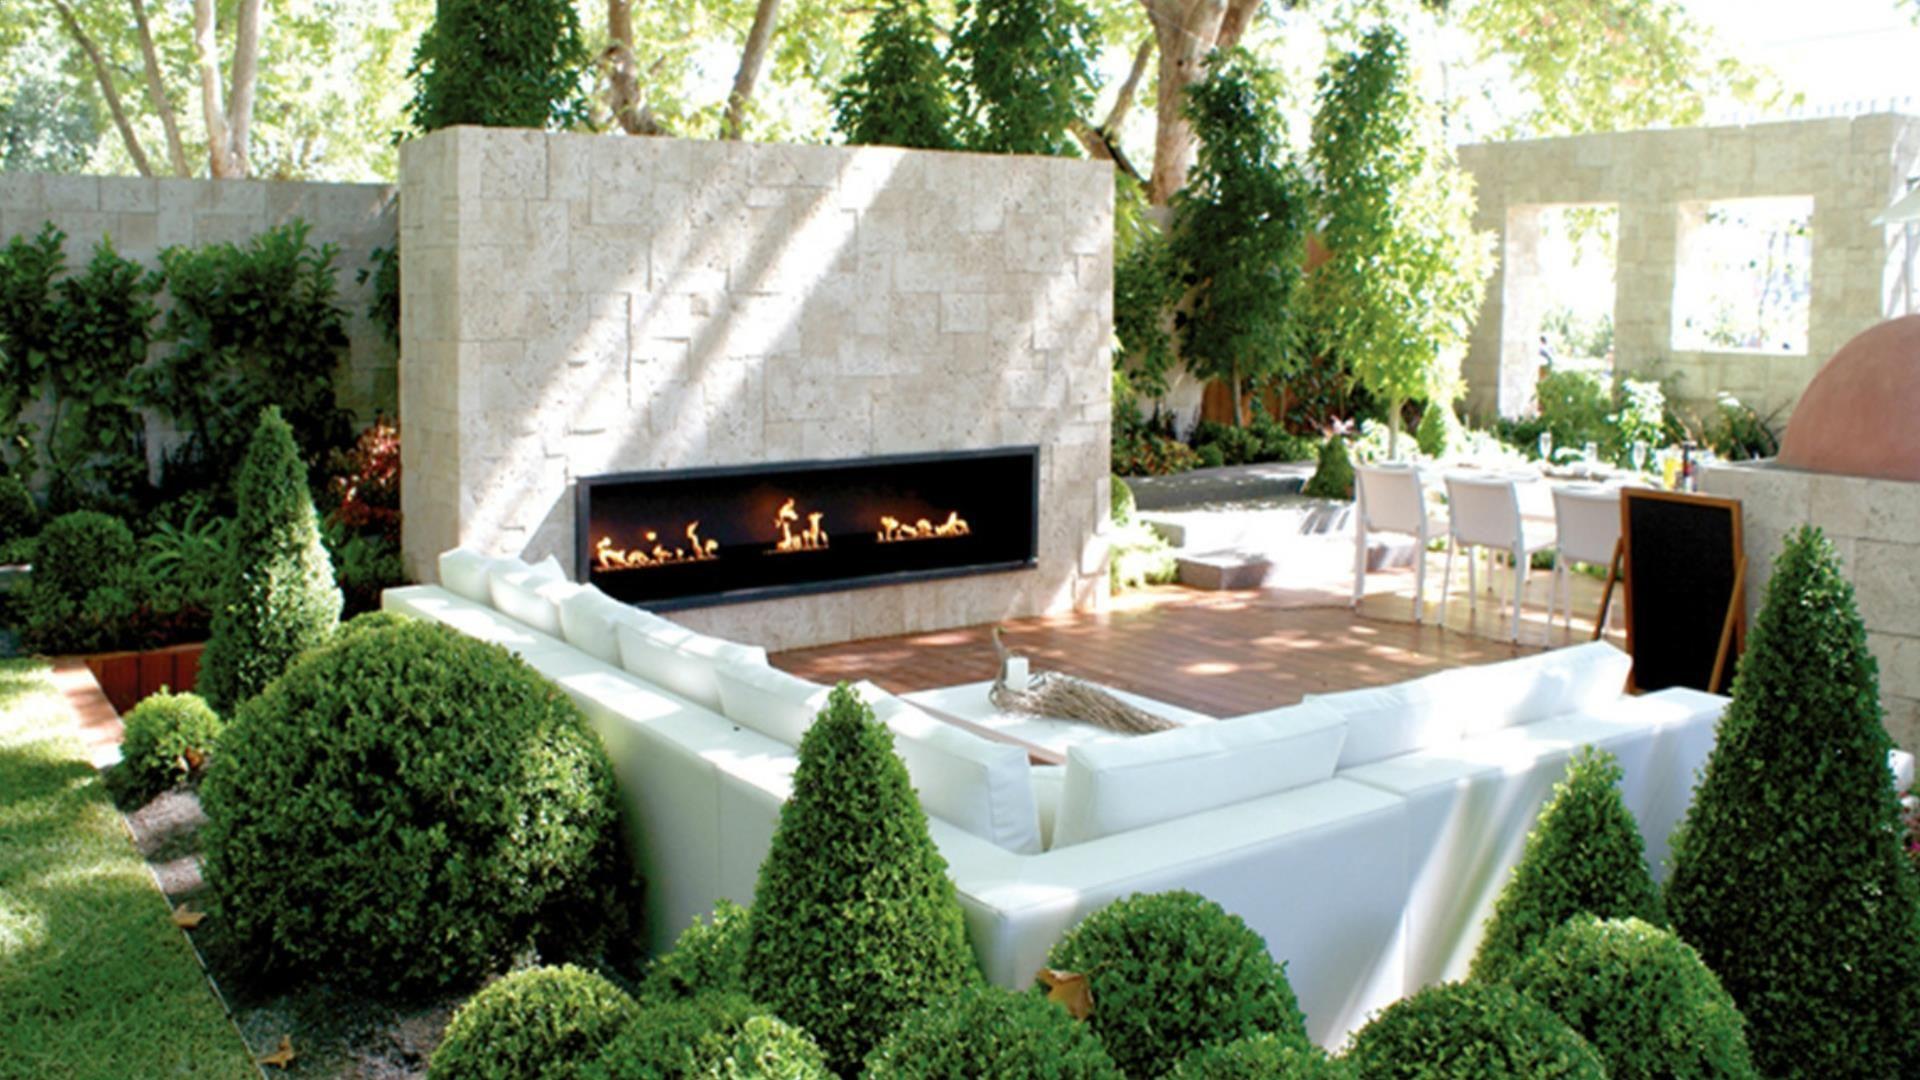 Deco Jardin Moderne Des Idées - Idees Conception Jardin pour Chaux Jardin